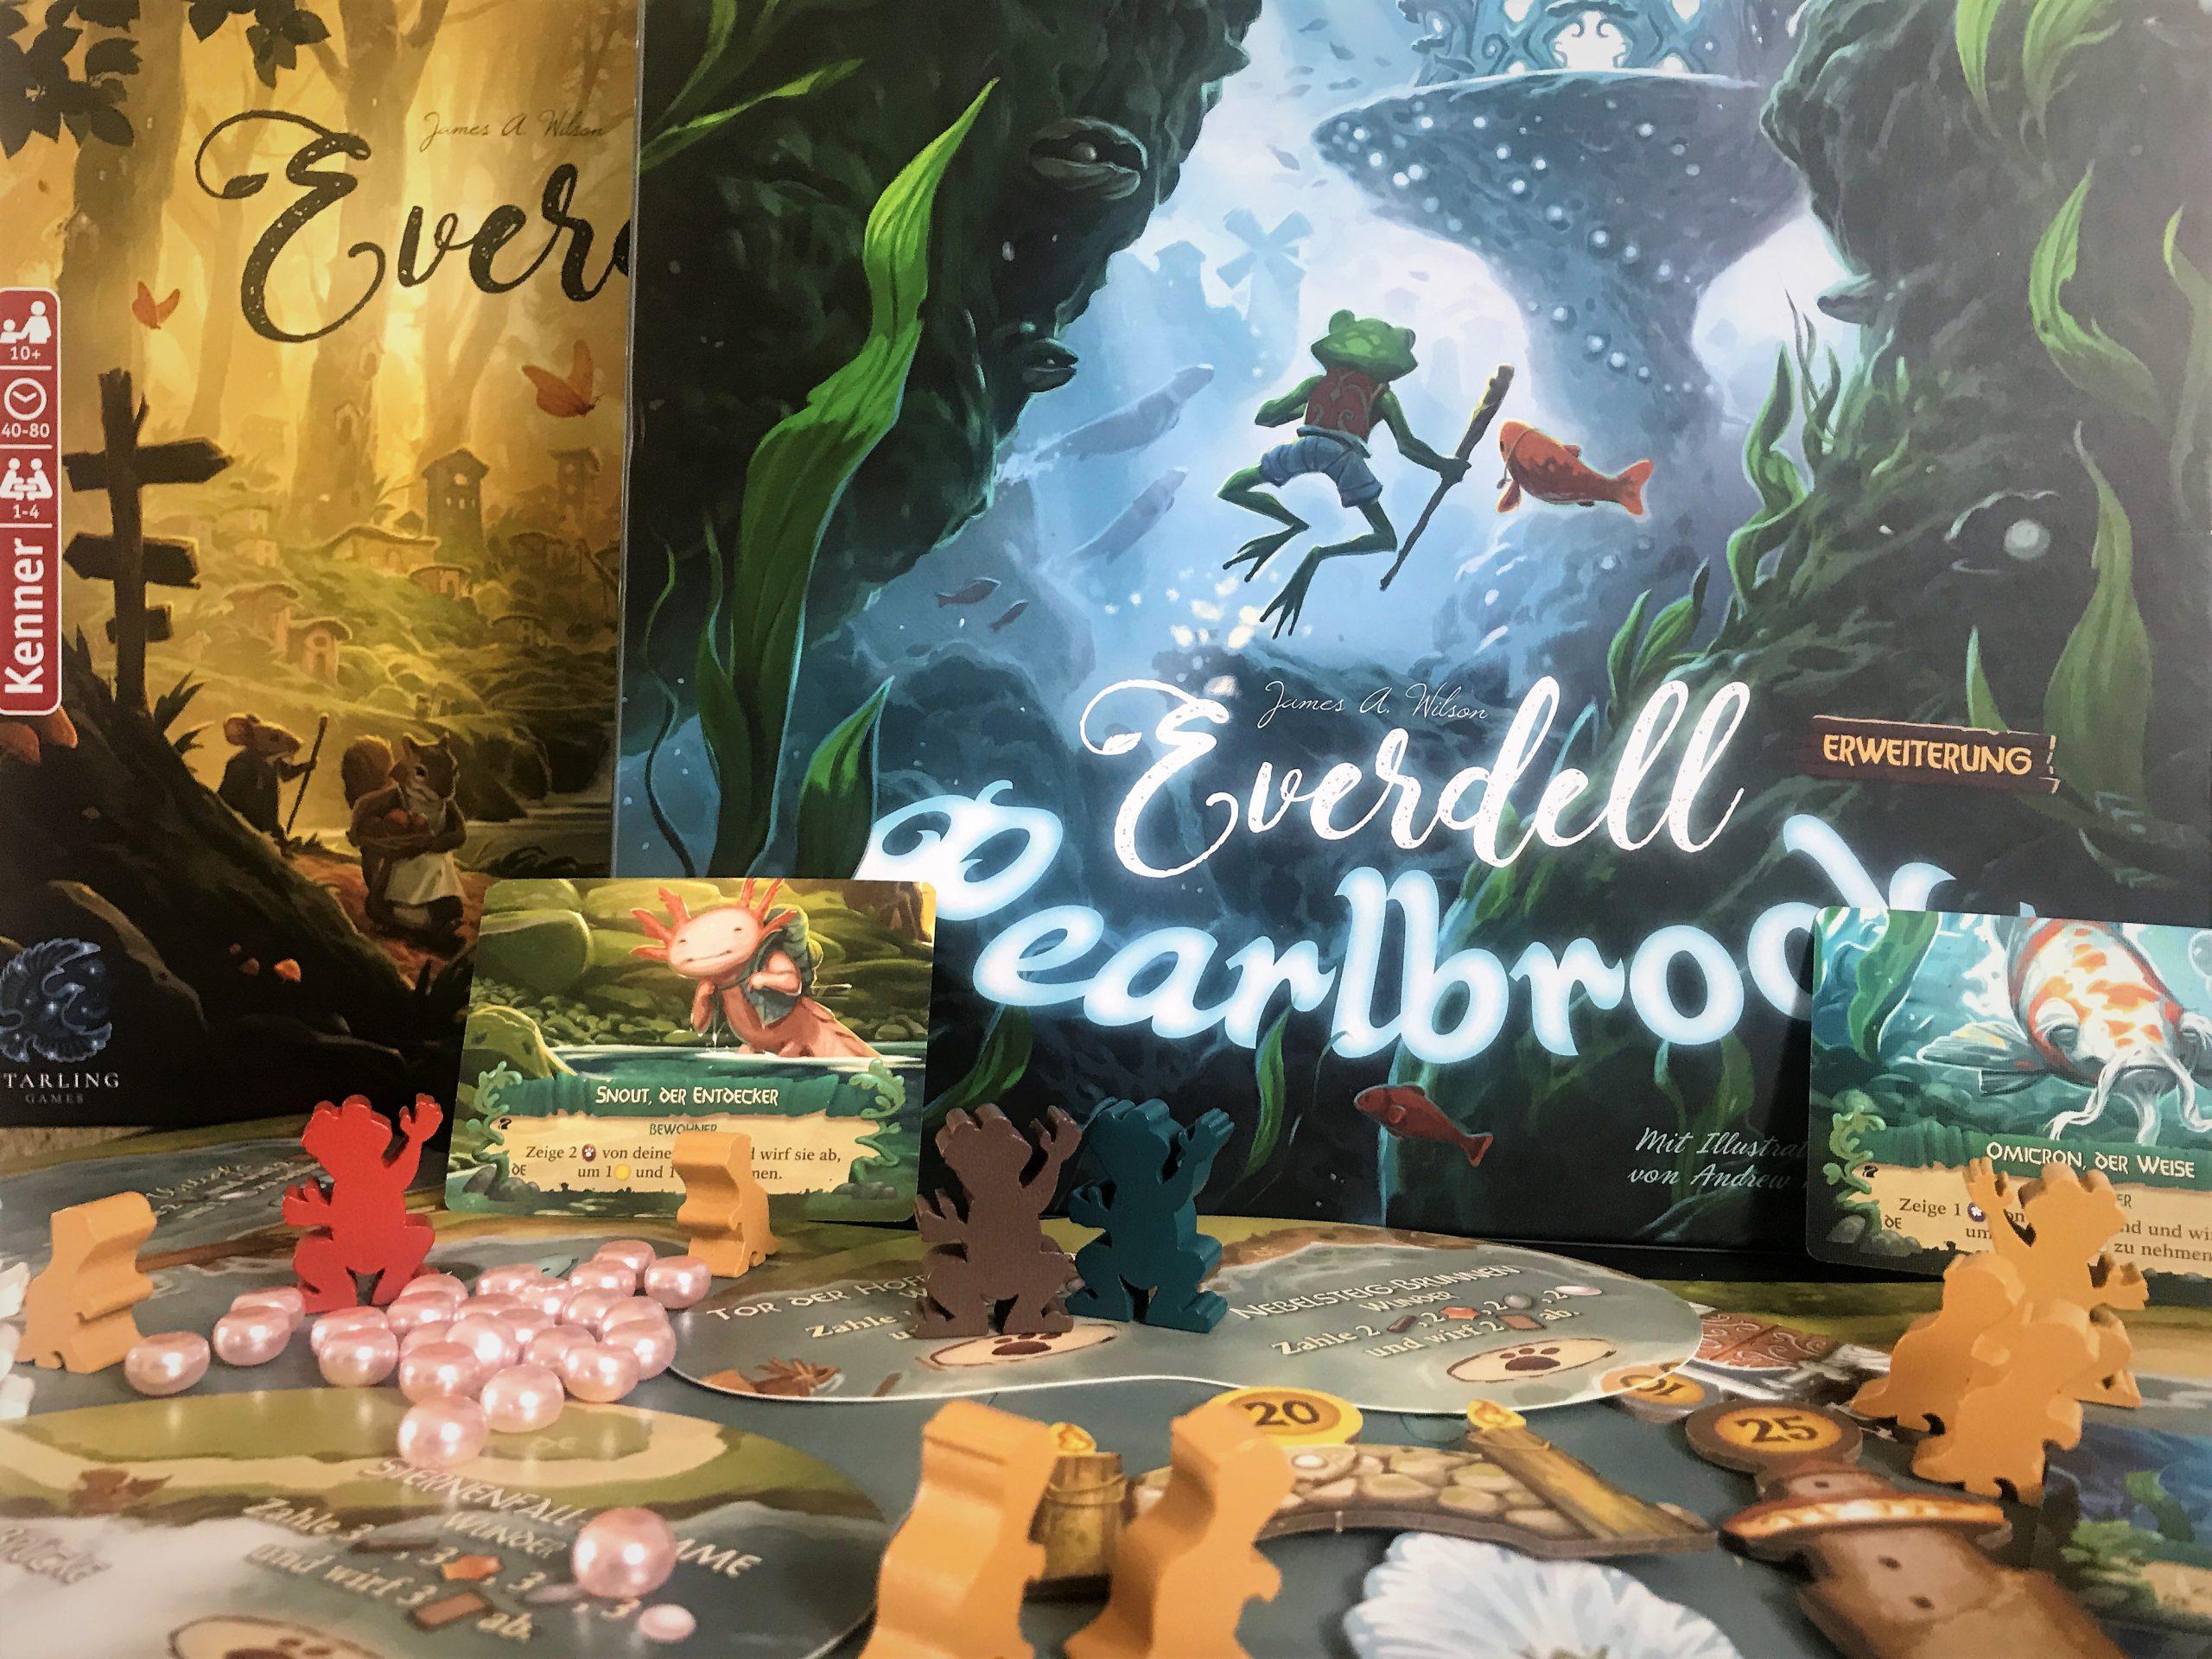 In Pearlbrook steckt mehr niedliches Material für Everdell